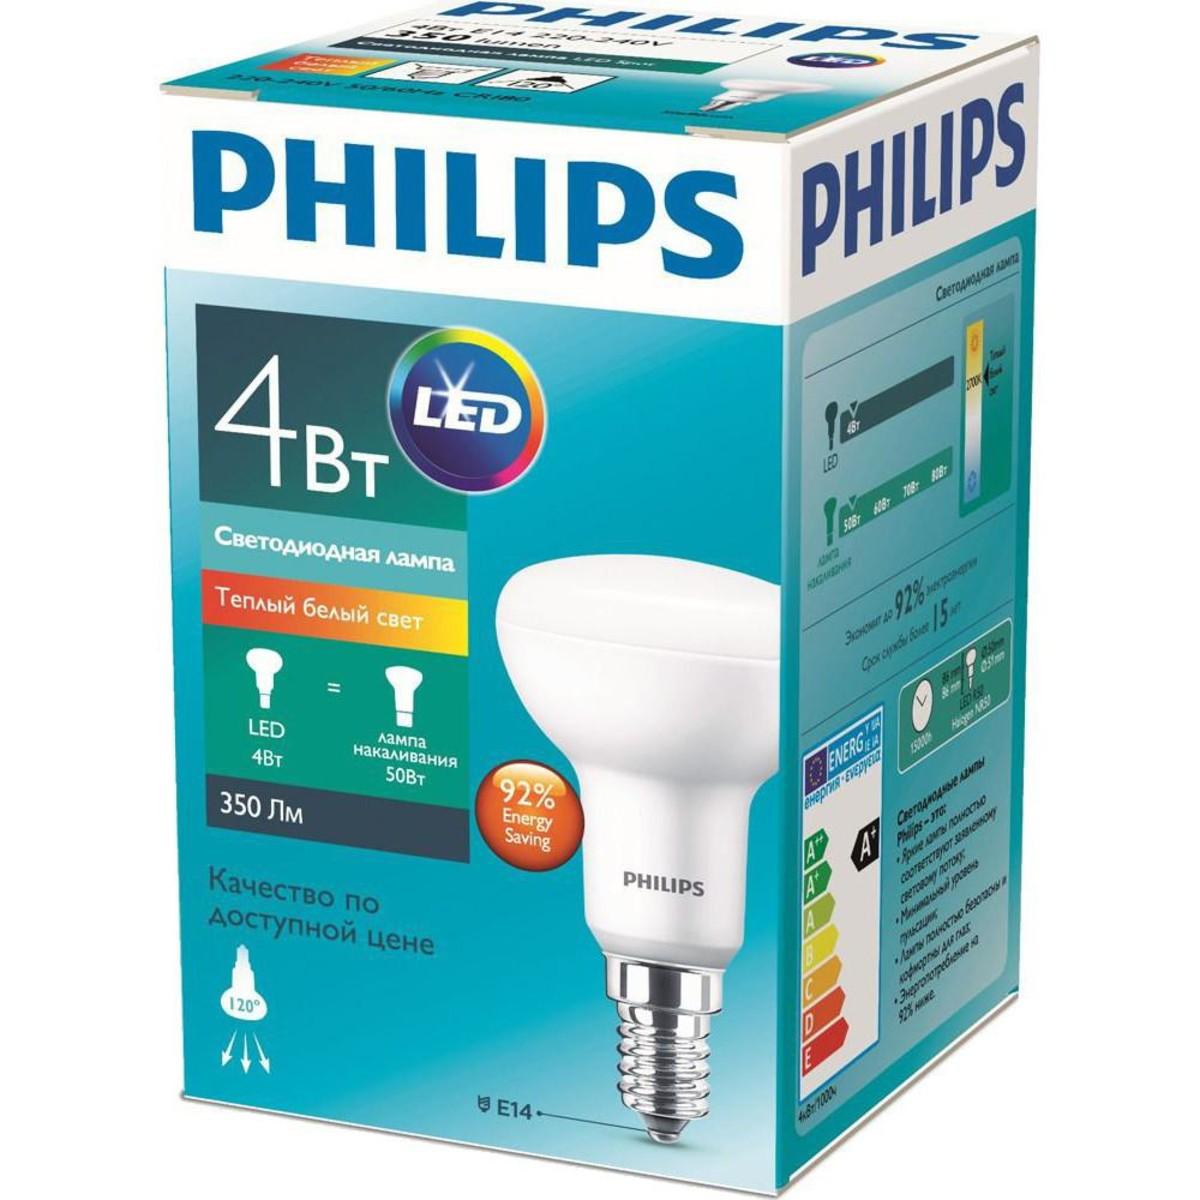 Лампа Philips Essential E14 4 Вт рефлекторная 350 Лм теплый